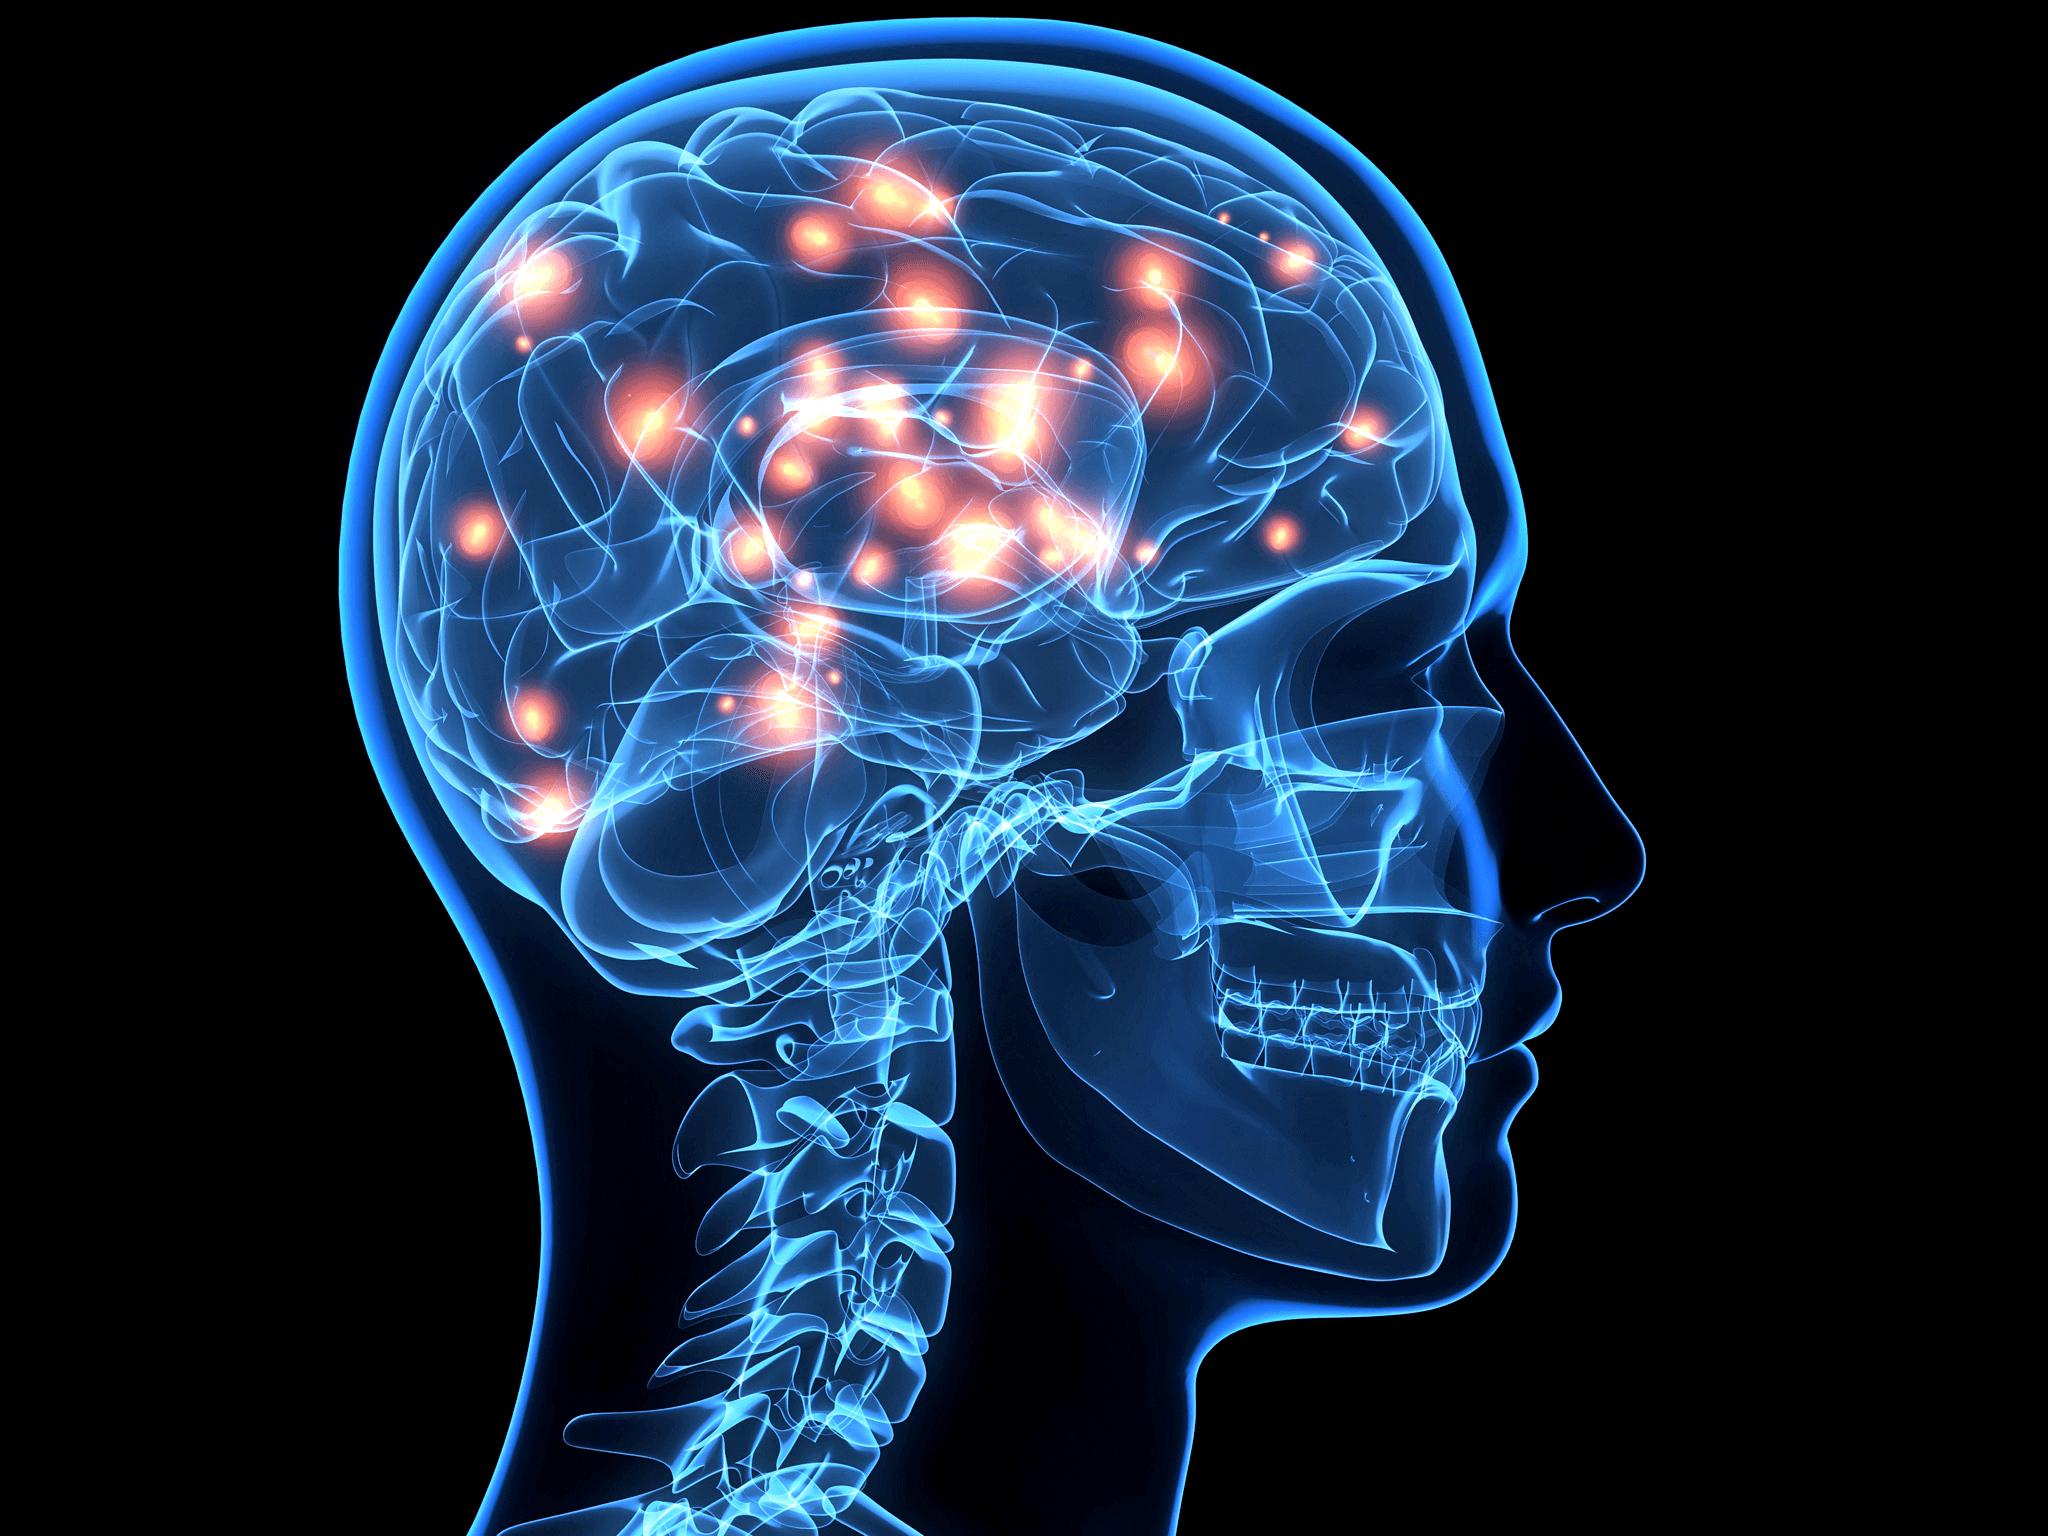 Артериовенозная мальформация головного мозга: механизм развития, причины, профилактика и прогноз